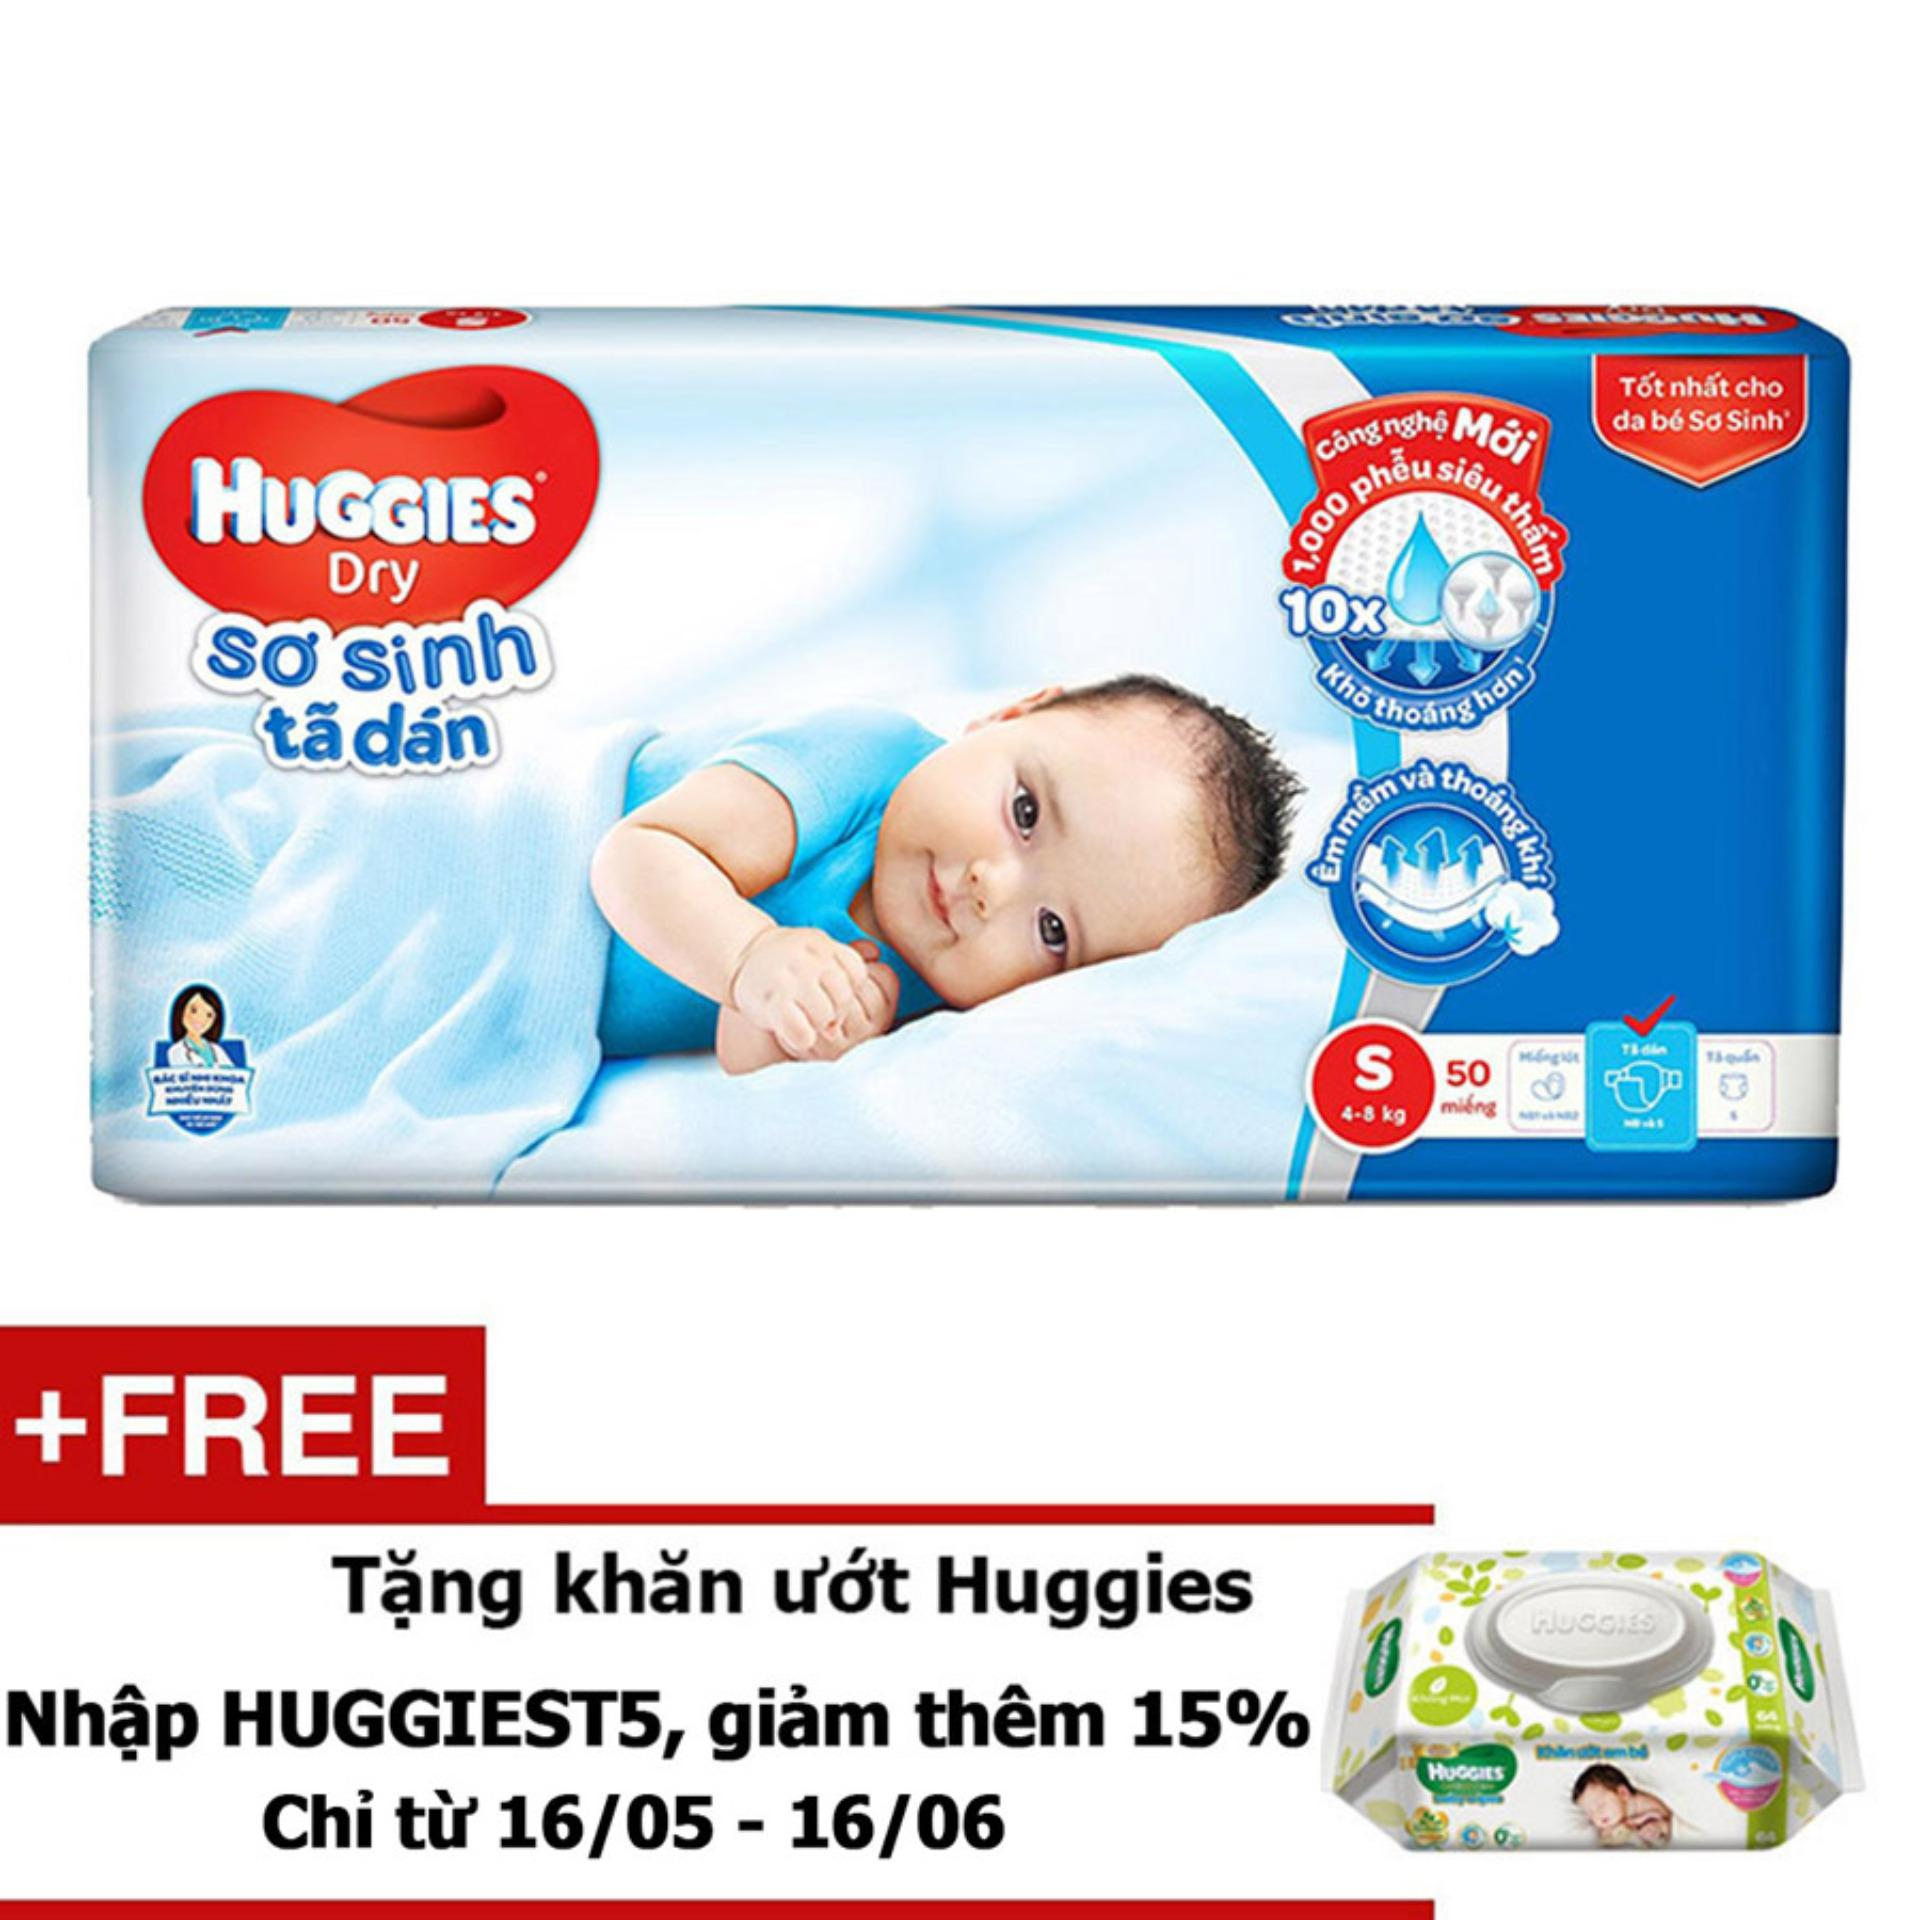 Tã dán sơ sinh Huggies S50 (5kg-8kg) - Gói 50 miếng - Tặng khăn ướt Huggies trị giá 33.000VND